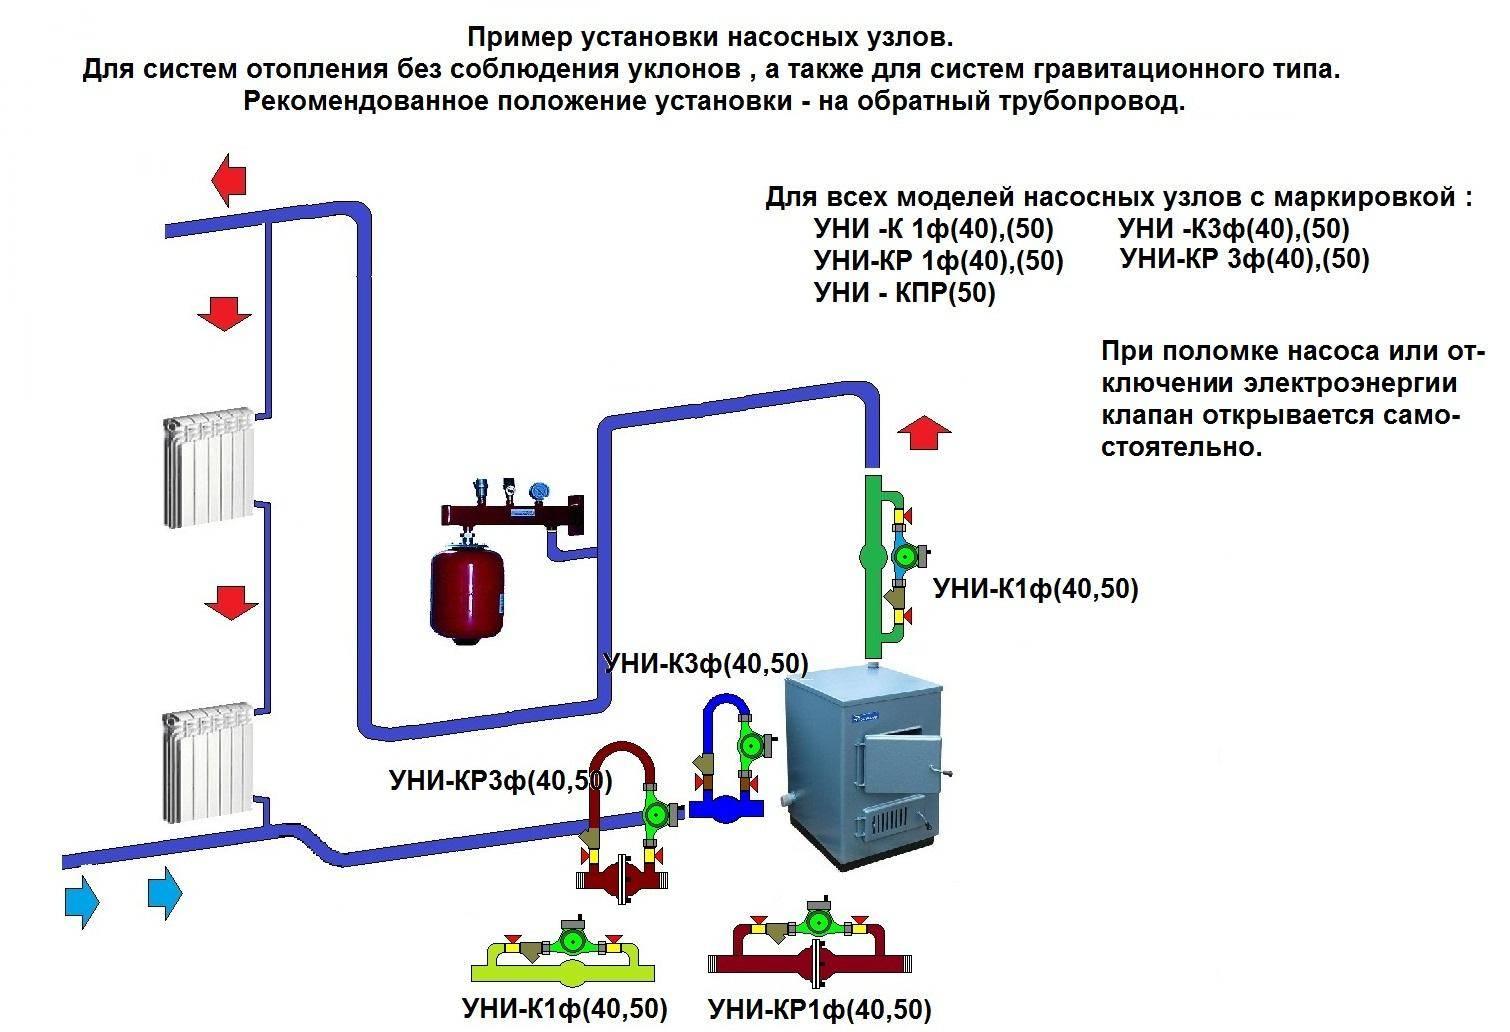 Байпас: что это такое в системе отопления, для чего он нужен